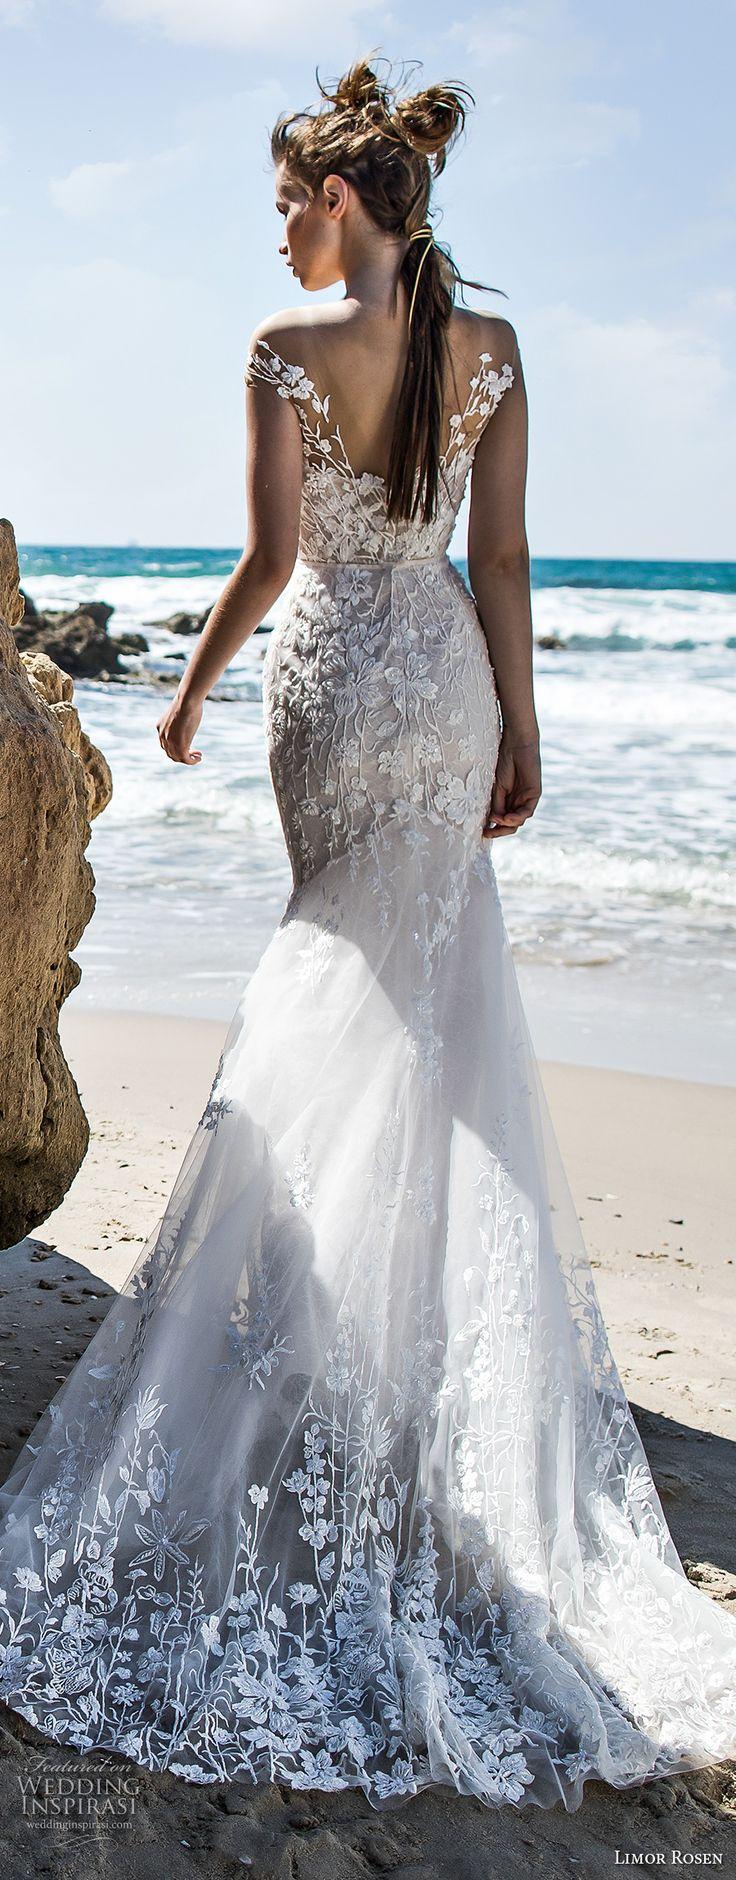 limor rosen 2018 bridal strapless sweetheart neckline full embellishment lace elegant romantic fit and flare wedding dress open back short train (lucia) bv